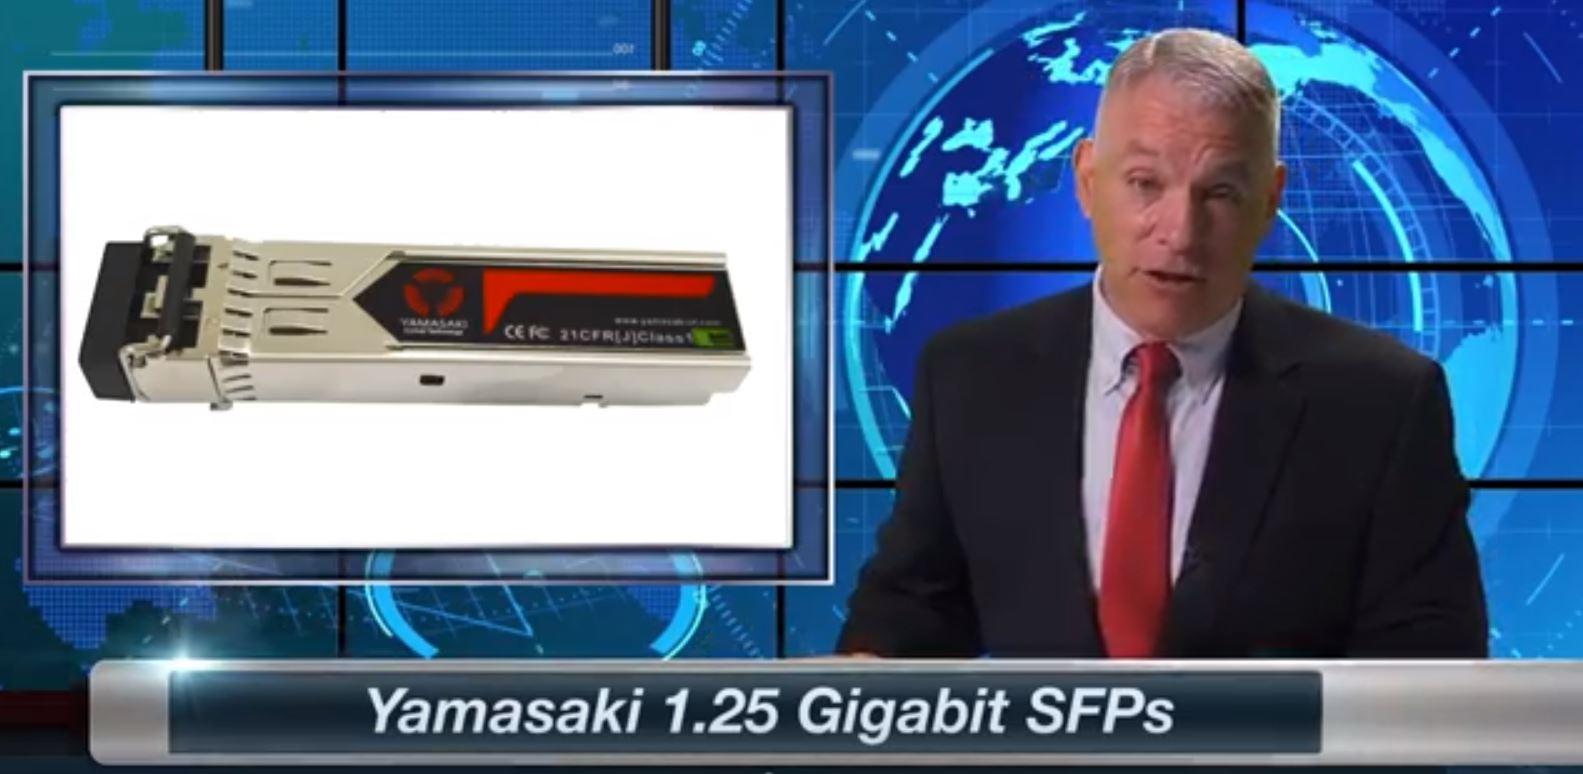 1.25G SFP